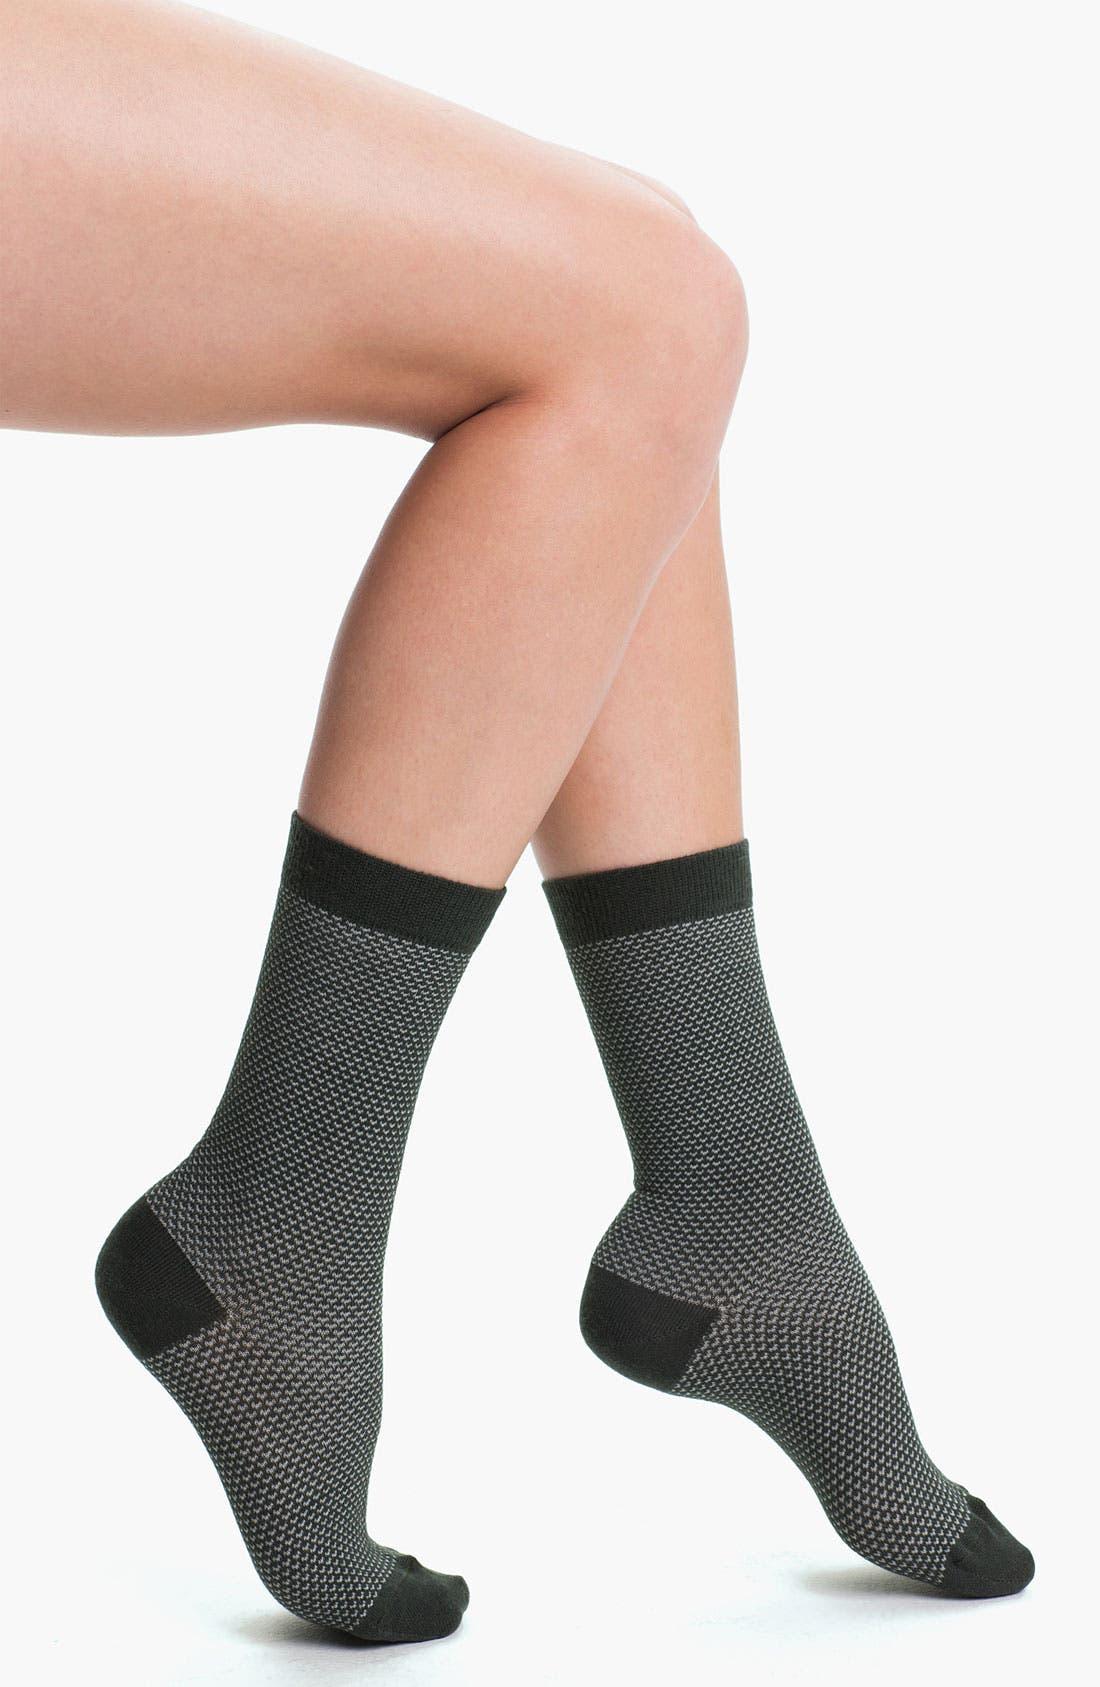 Alternate Image 1 Selected - Nordstrom Geometric Merino Blend Crew Socks